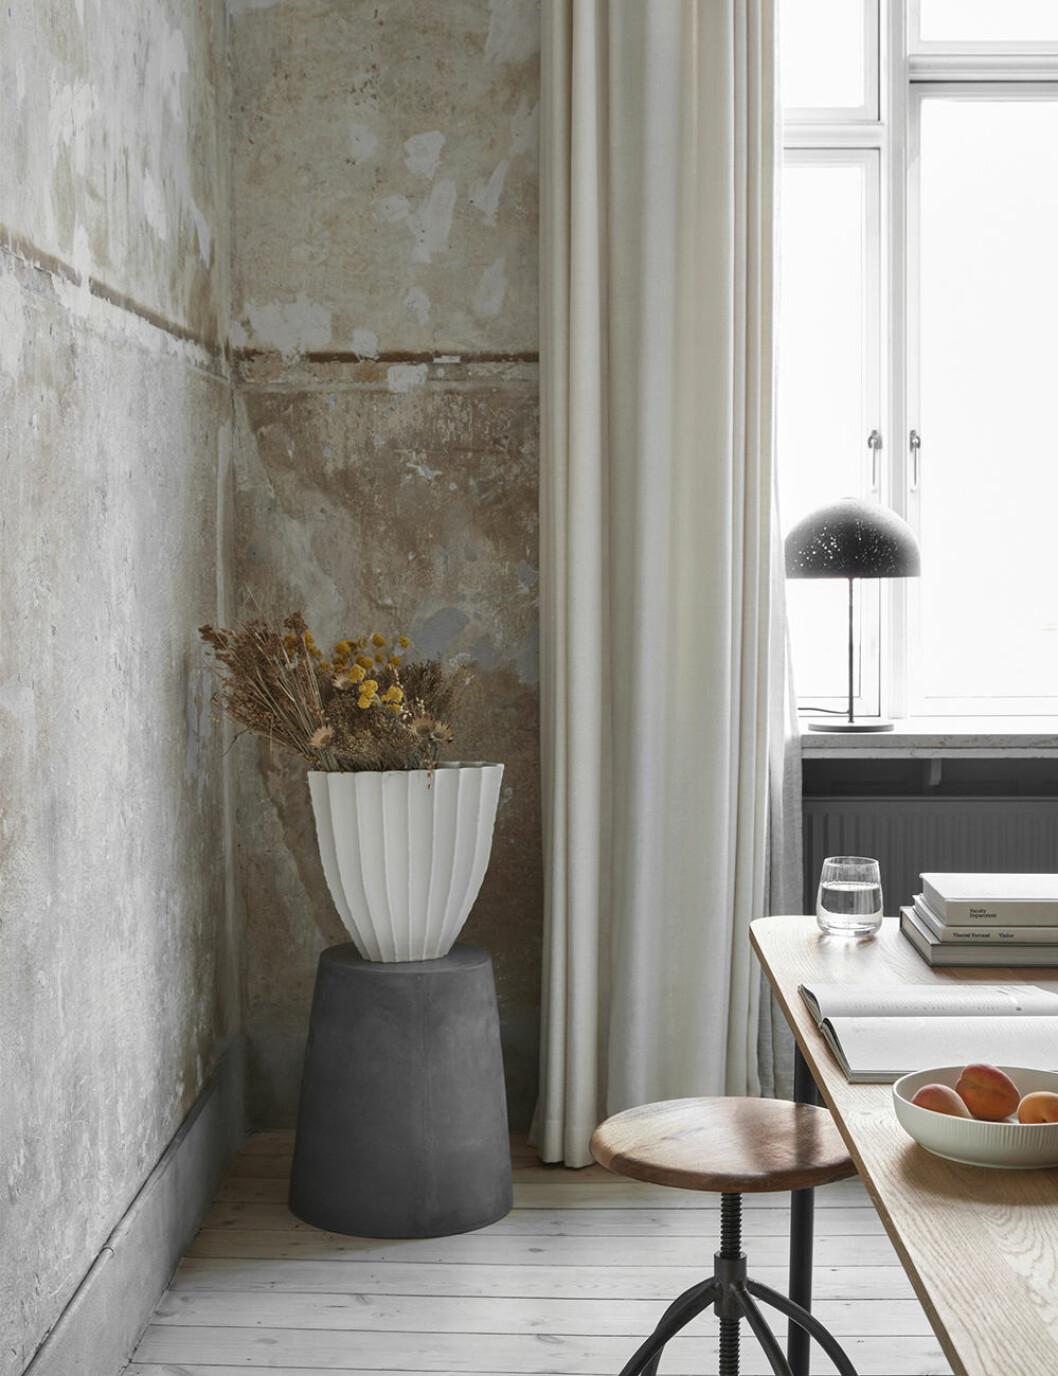 Dekorativ vas från Broste Copenhagen 2020